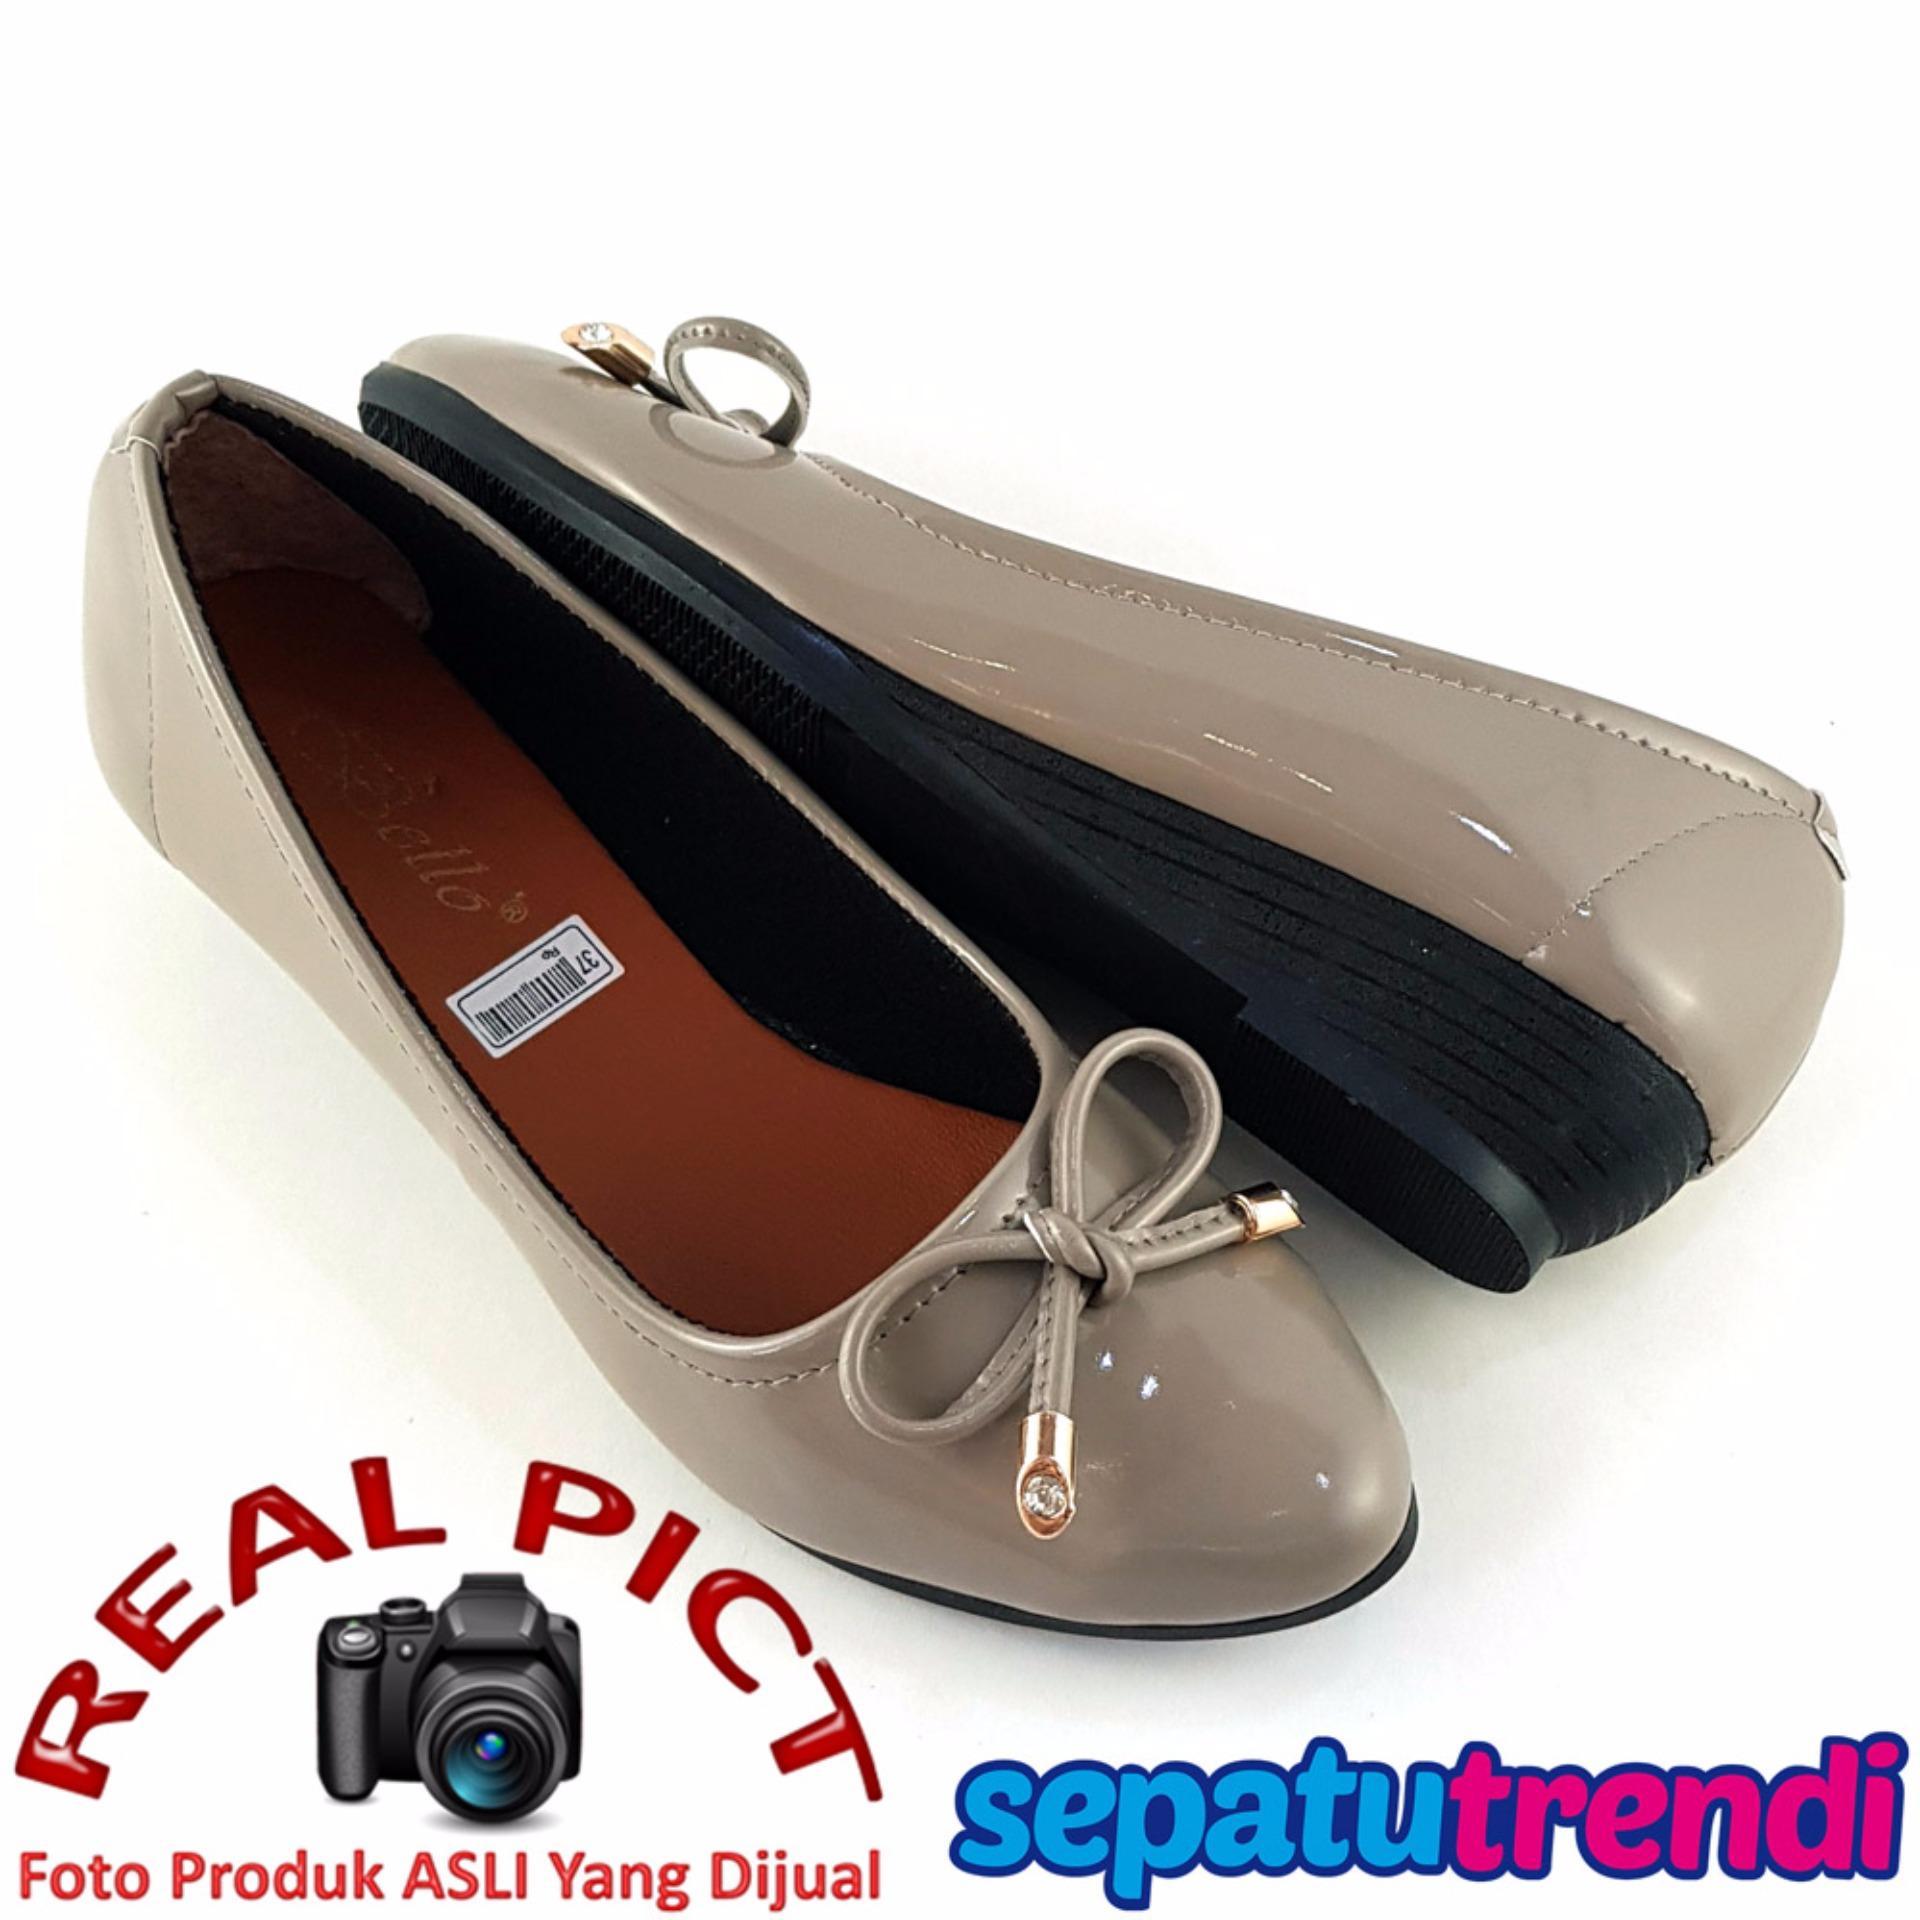 Jual Trendishoes Sepatu Wedges Wanita Pita Elegan Bo163 Grey Di Jawa Barat